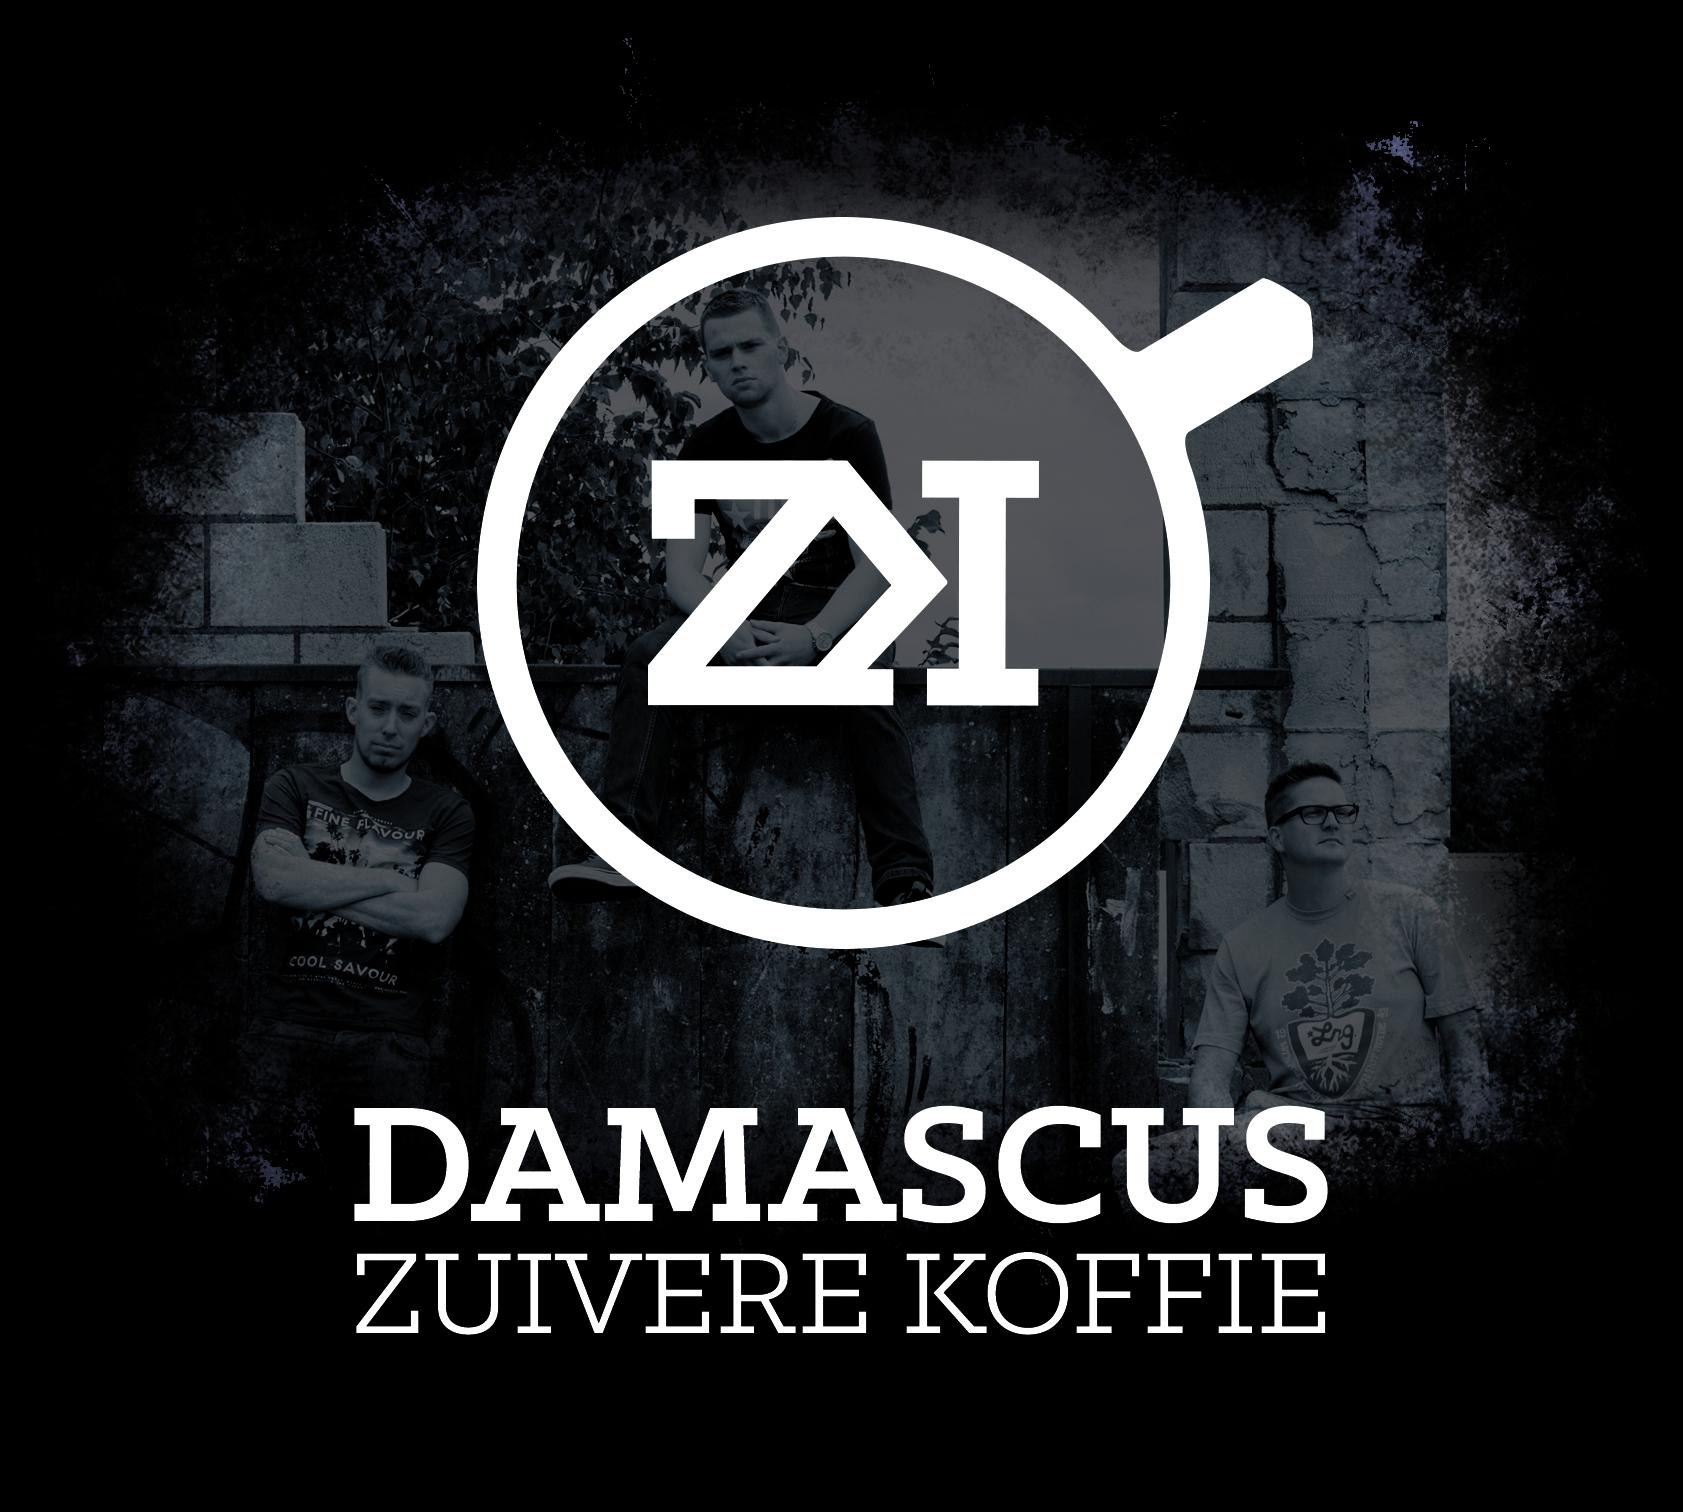 damascus-zuivere-koffie